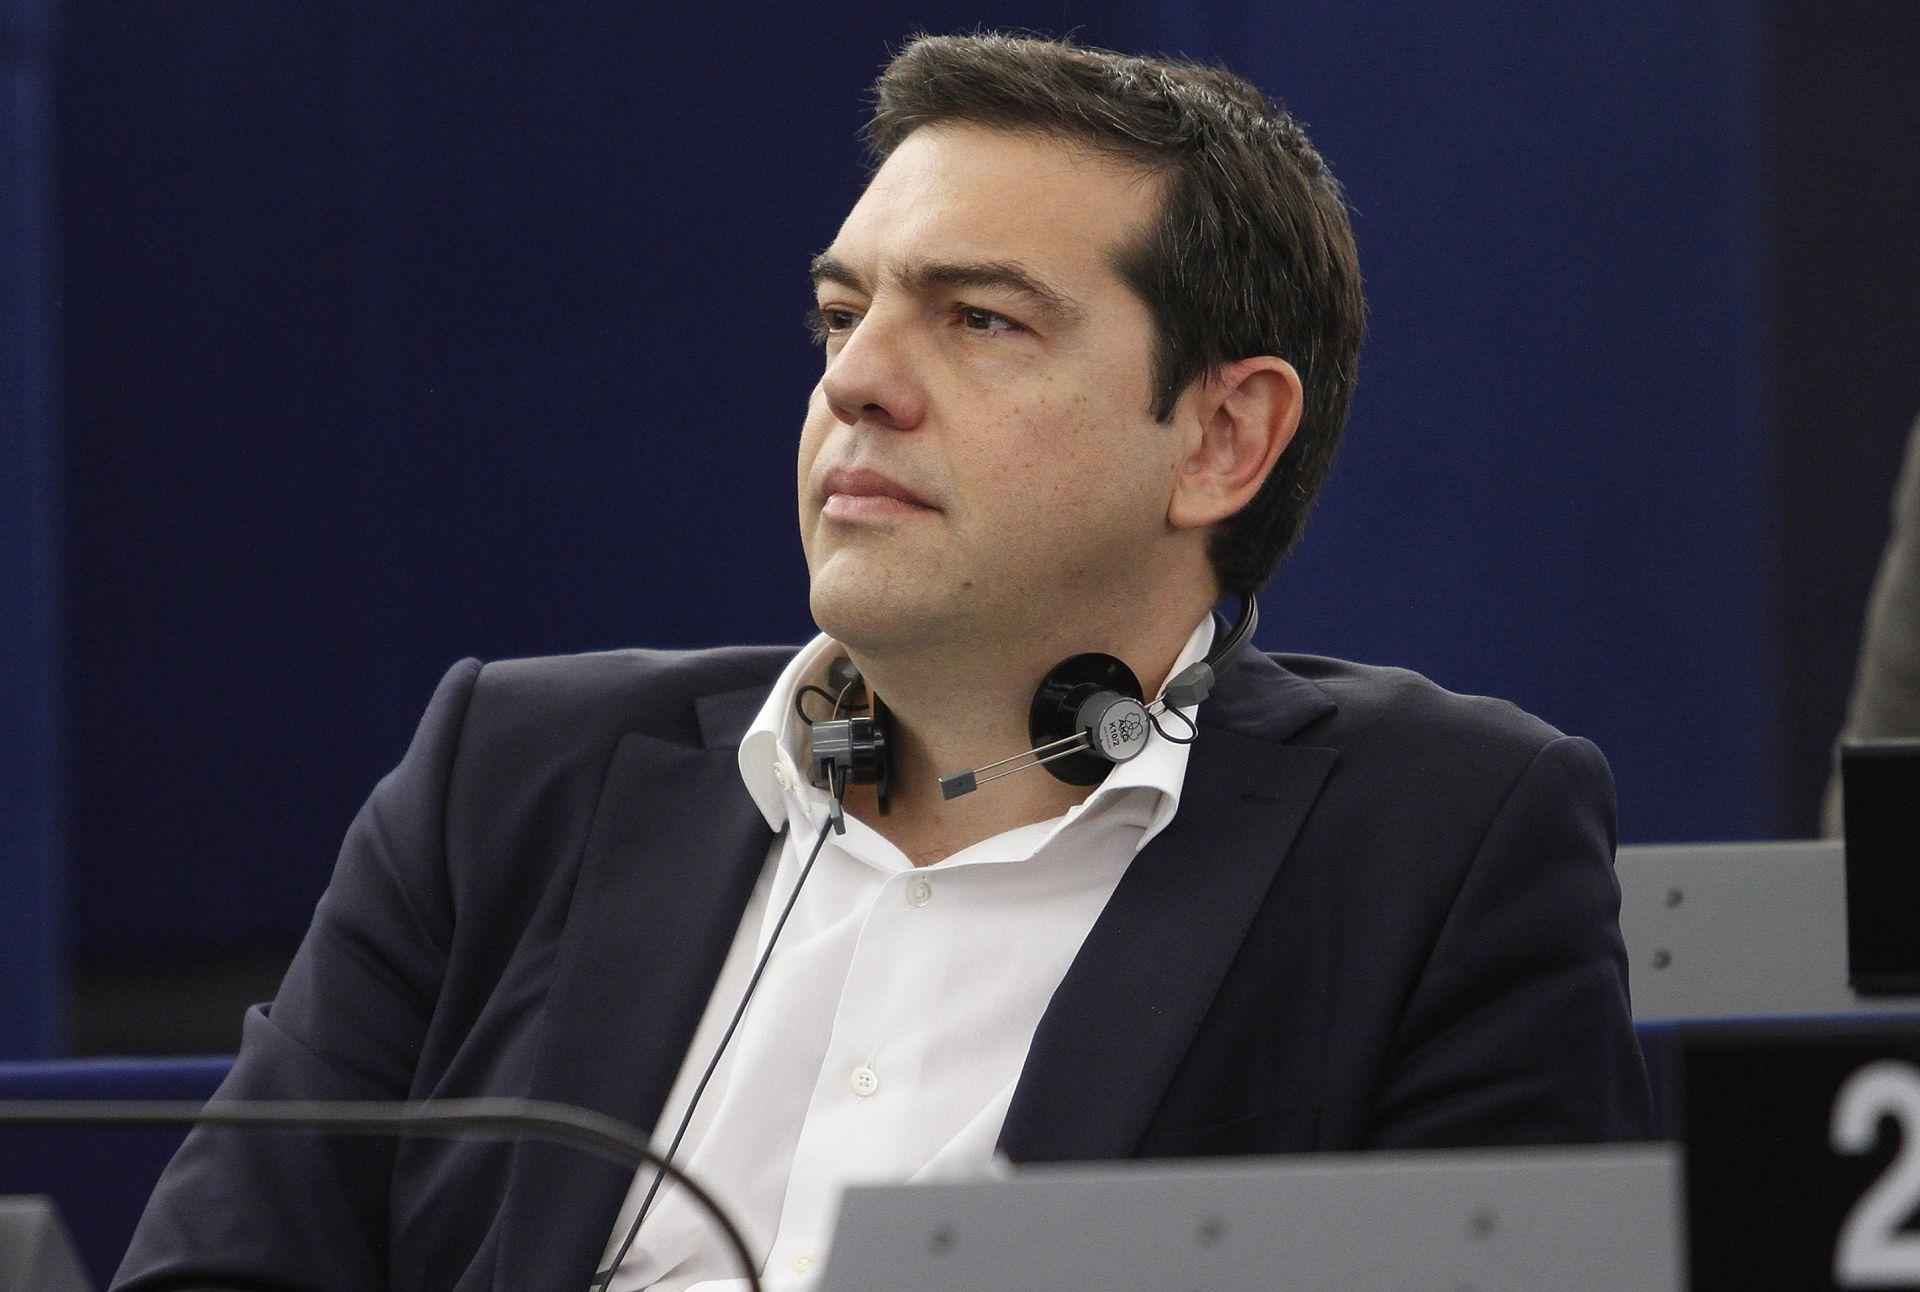 MOGUĆA CIPRASOVA OSTAVKA Grčki premijer mora nagovoriti parlament na reforme